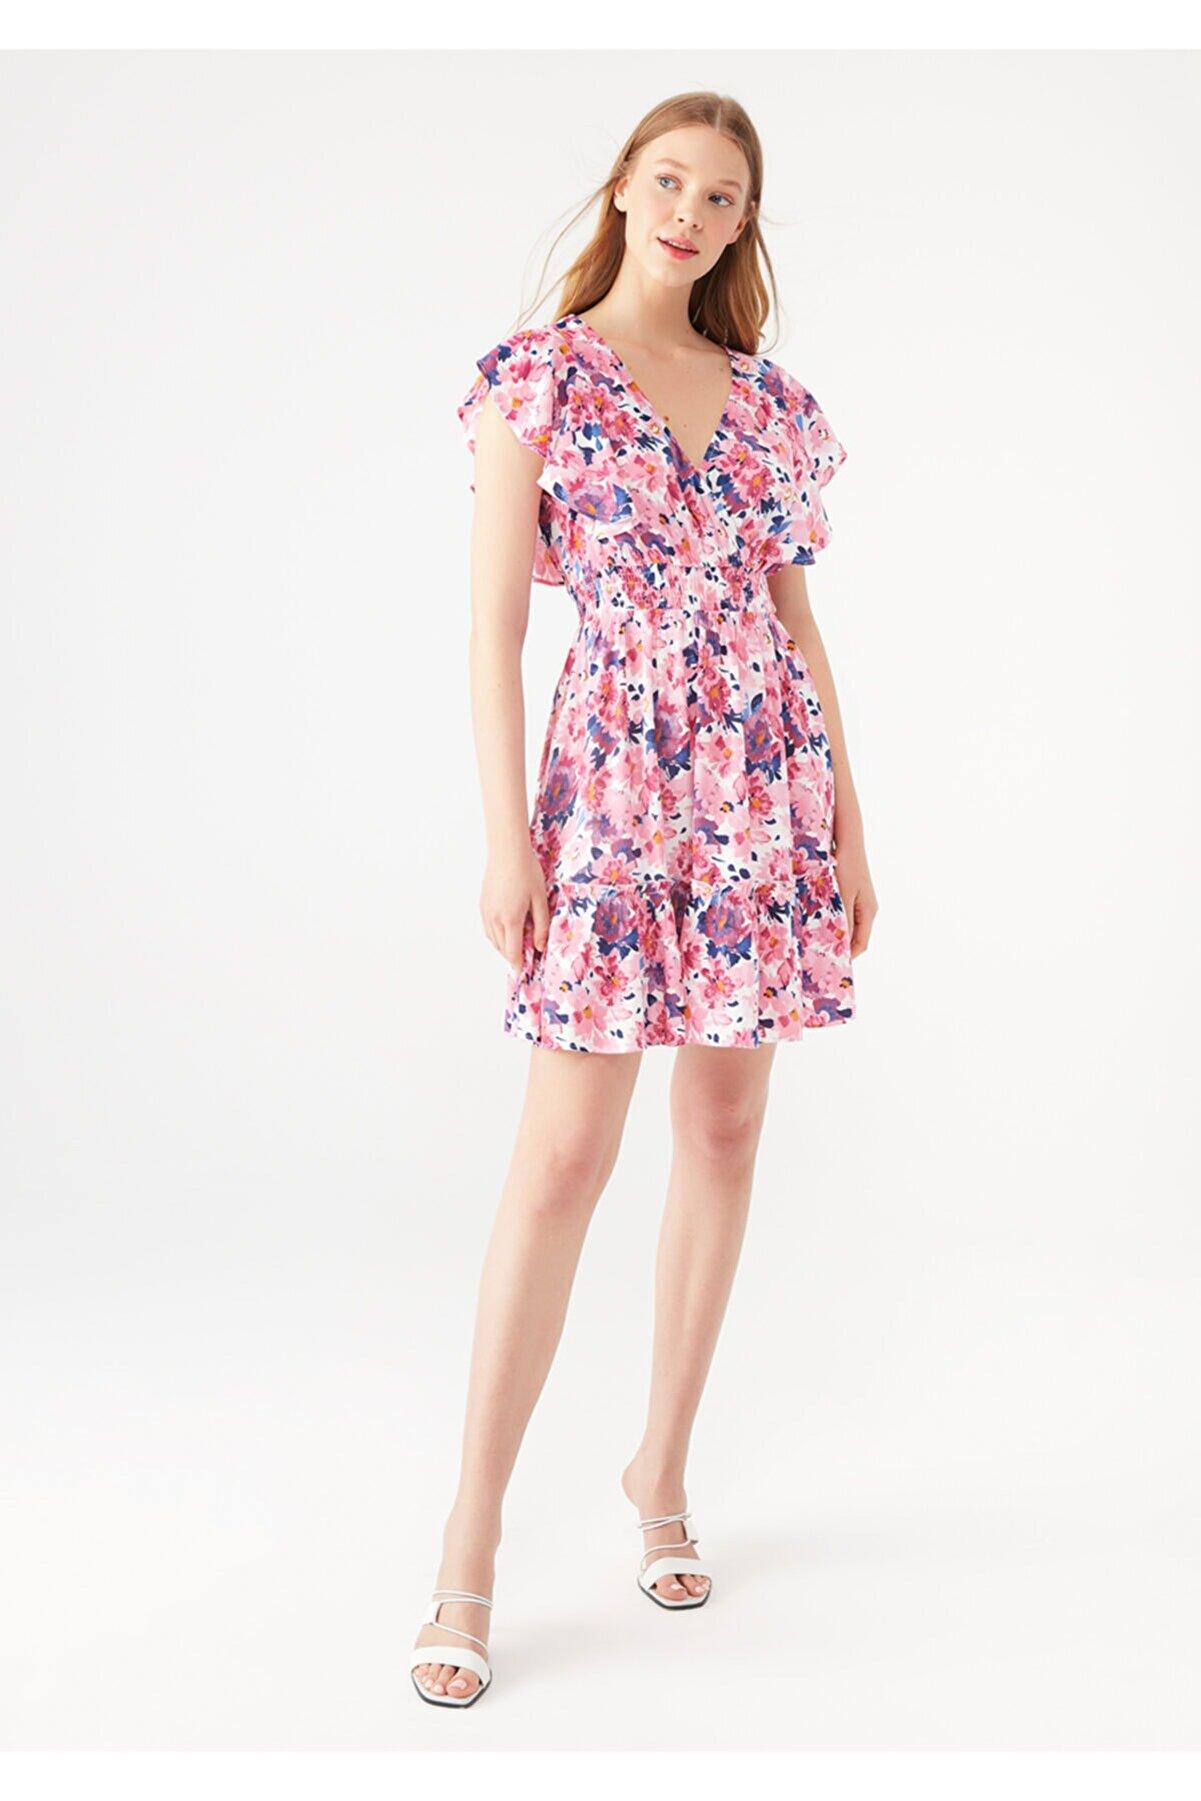 Mavi Kadın Çiçek Baskılı Fırfırlı Pembe Elbise 131137-35344